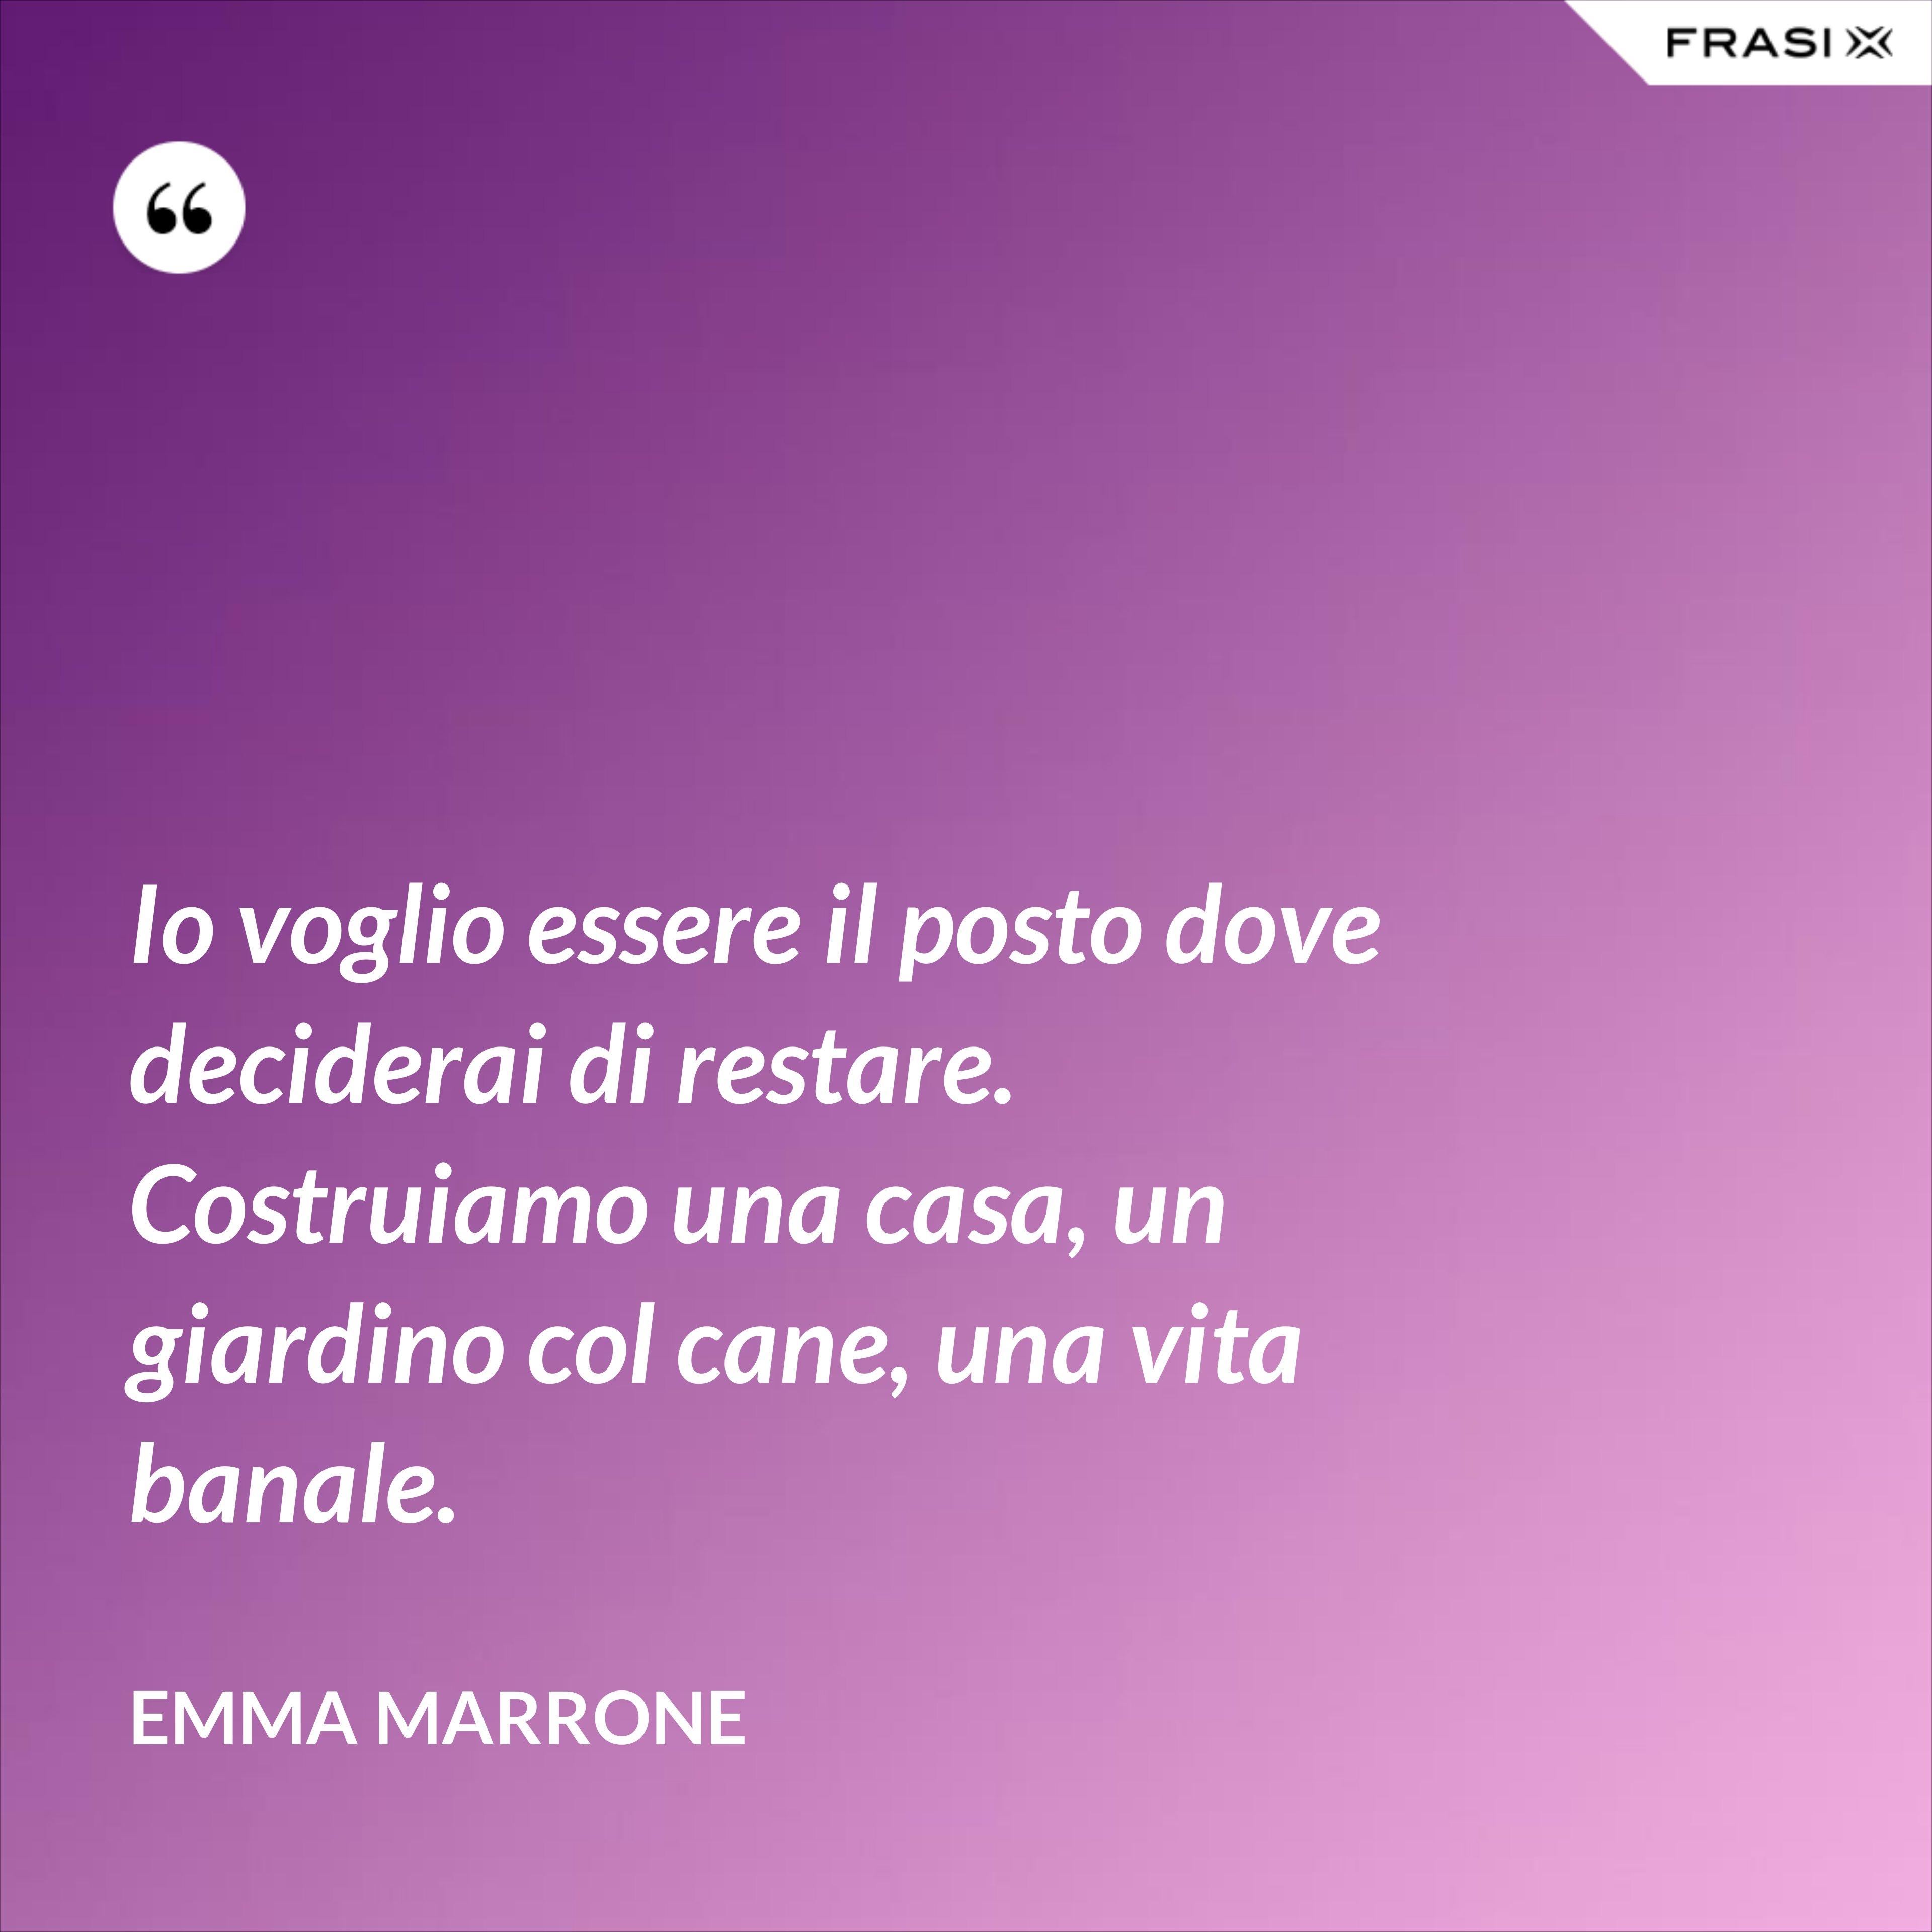 Io voglio essere il posto dove deciderai di restare. Costruiamo una casa, un giardino col cane, una vita banale. - Emma Marrone